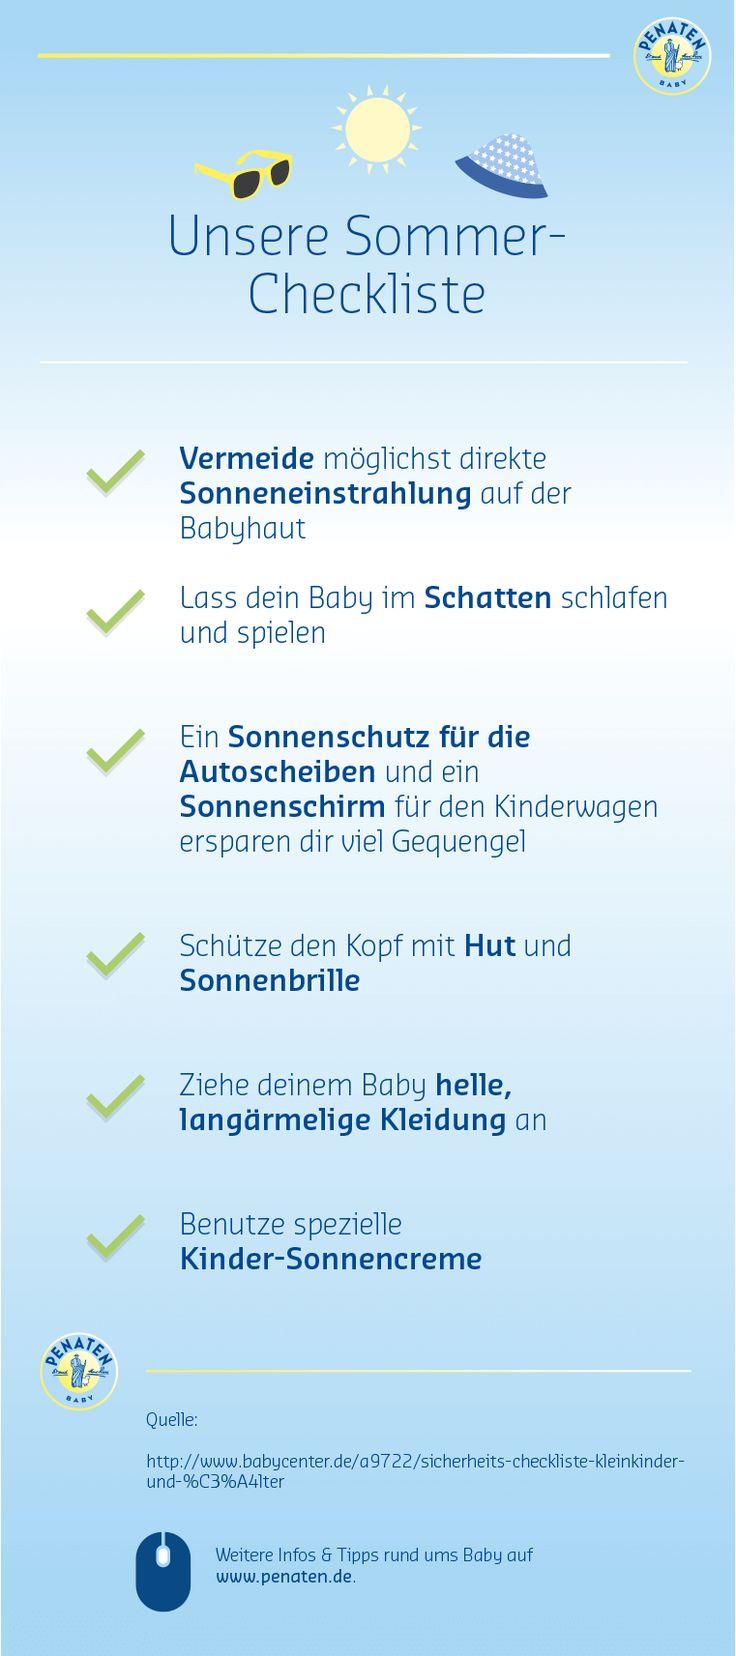 Hier erfährst du, wie du dein Baby vor der Sonne schützt. #Sommer #Sonne #lebenmitbaby #penaten #Babyhaut